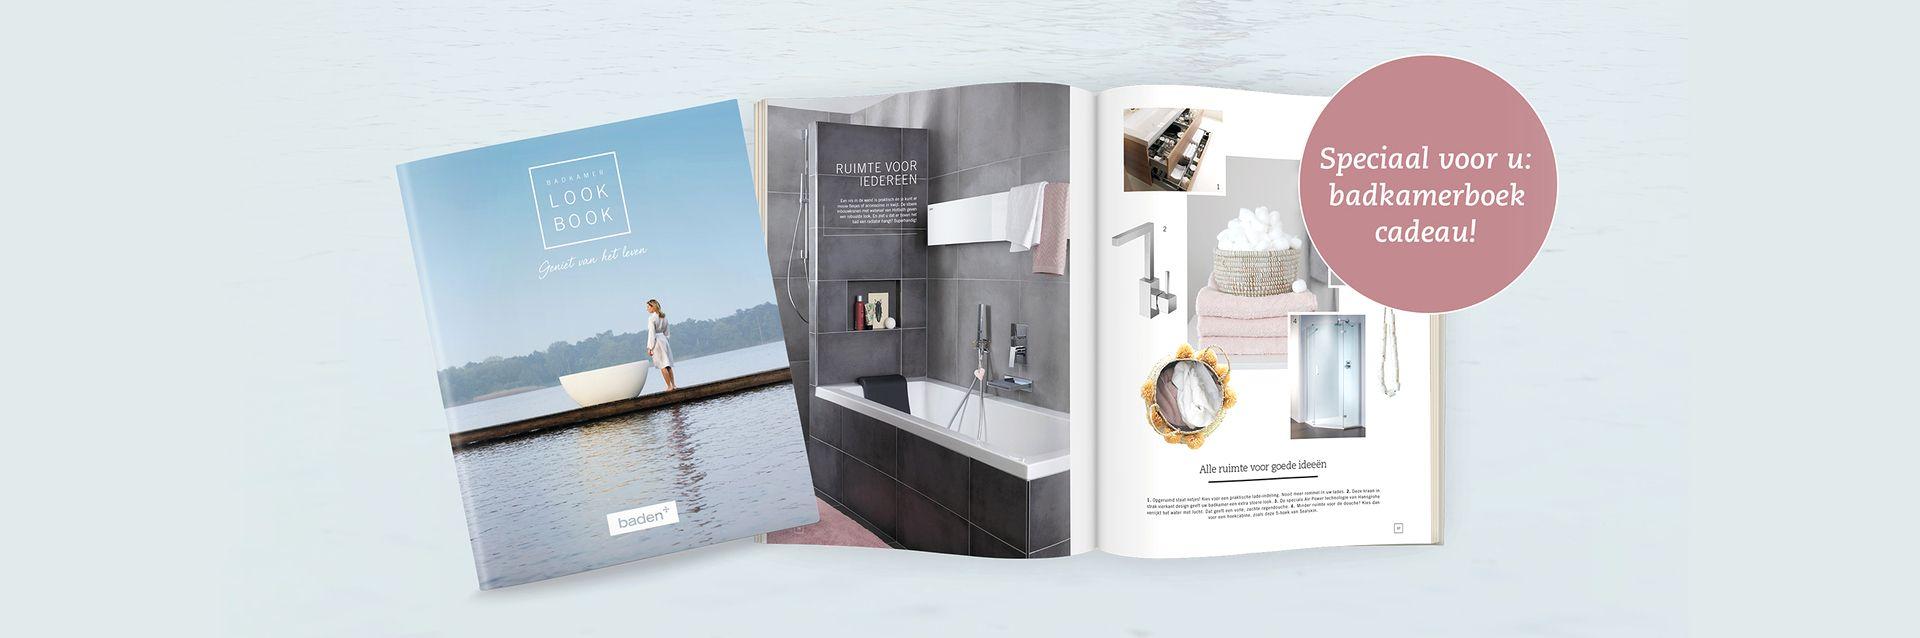 Baden+ badkamer inspiratieboek - Baden+ badkamer inspiratieboek